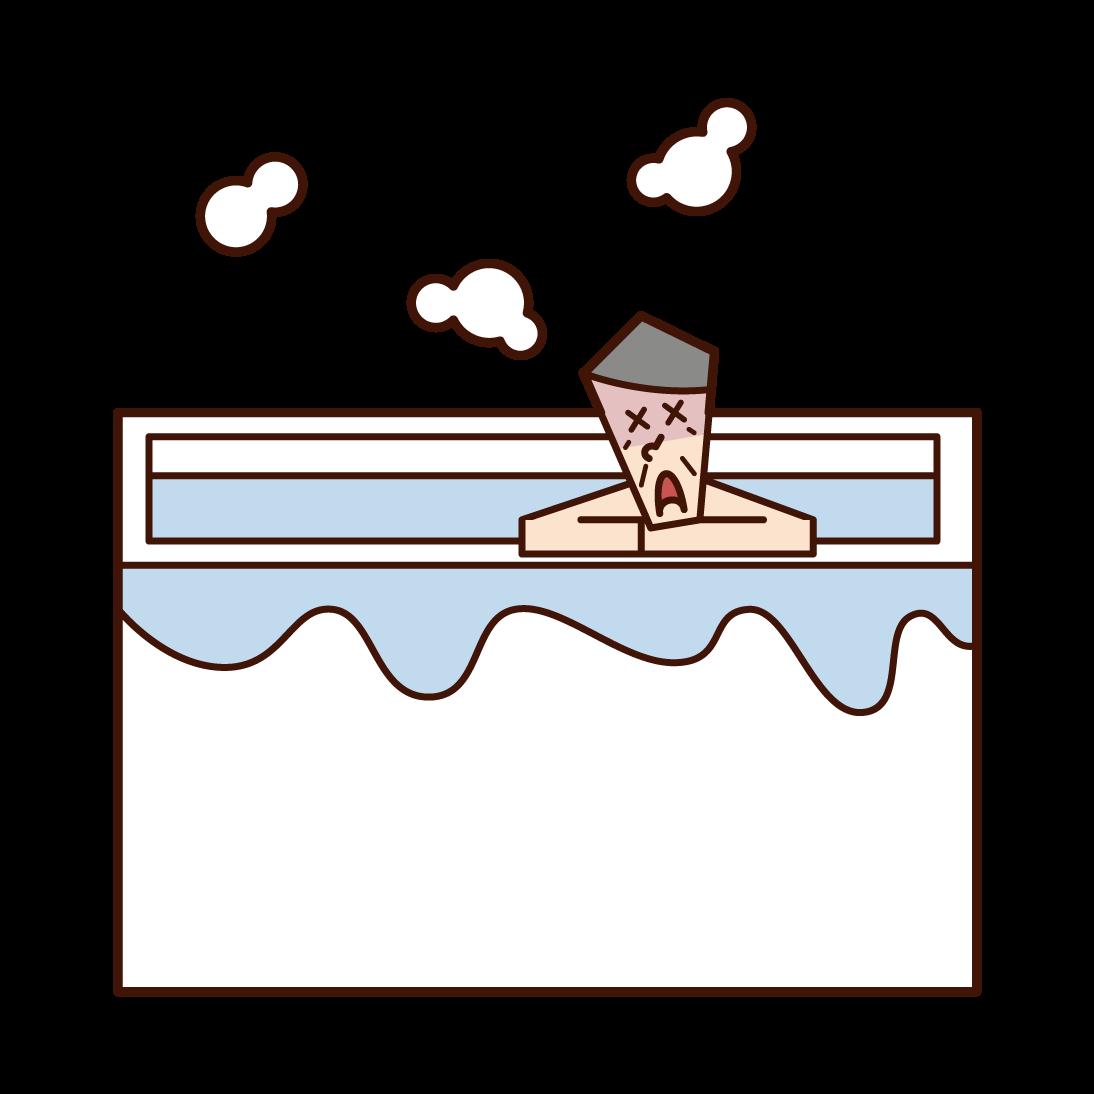 在浴缸裡昏昏不著的人(爺爺)的插圖